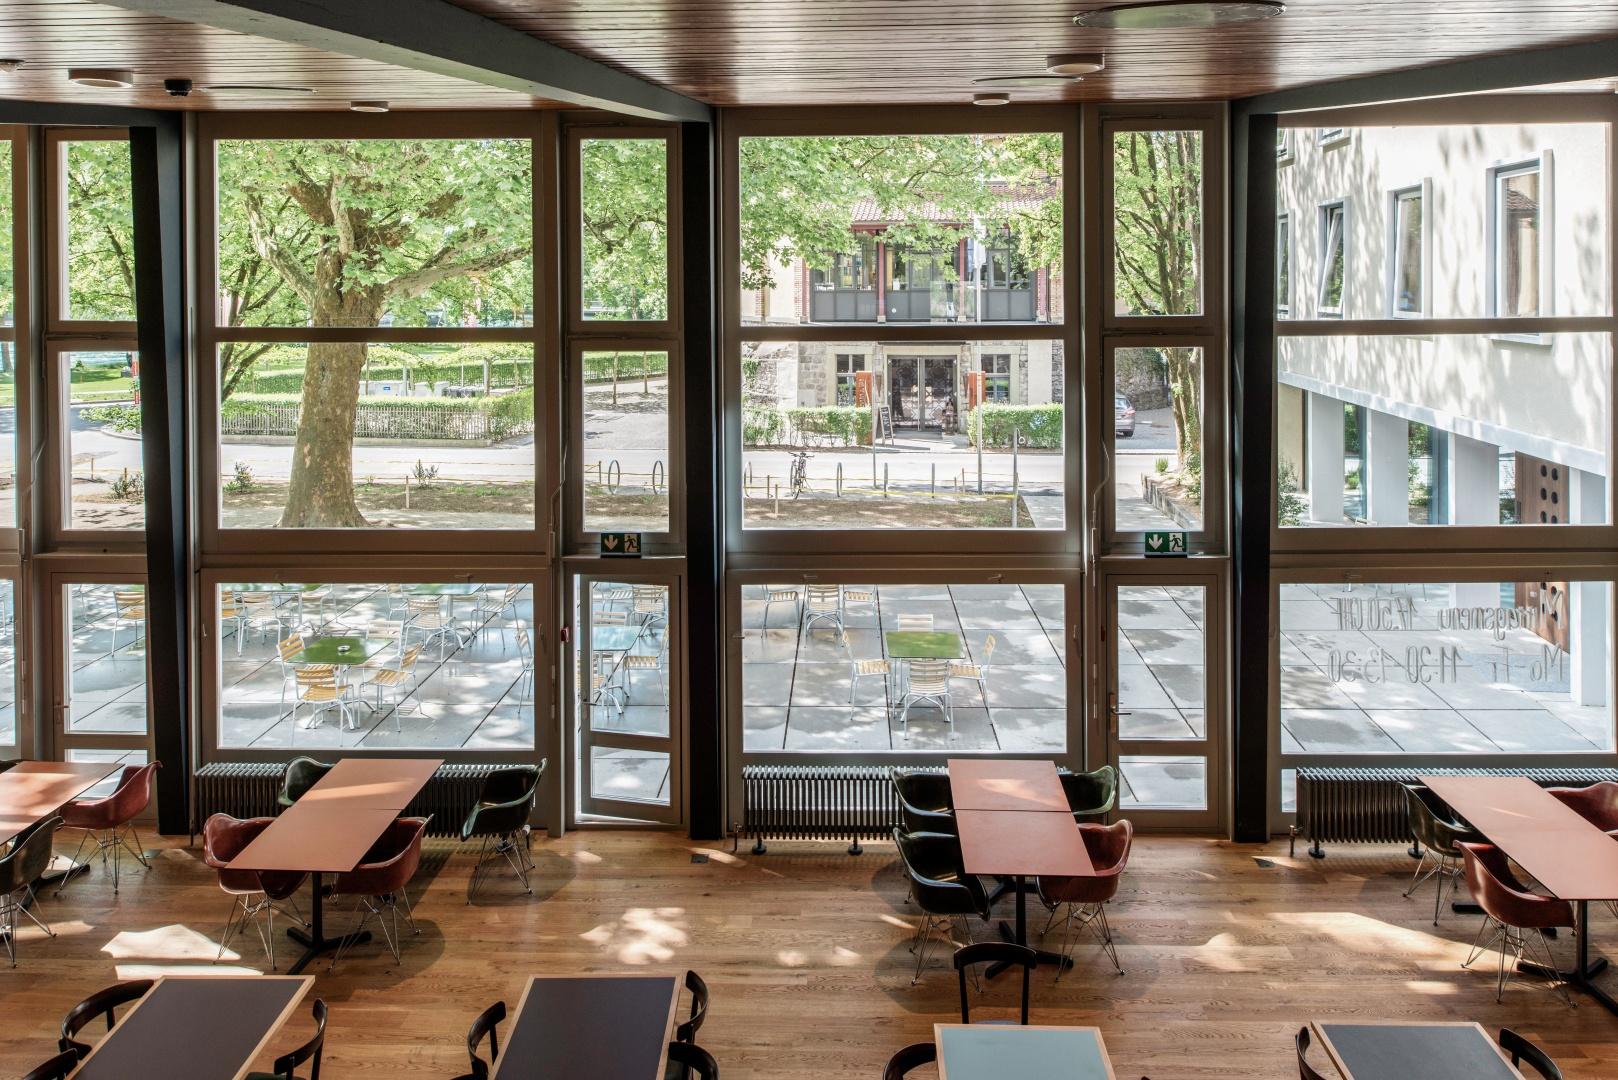 Blick vom Galeriegeschoss auf den grosszügigen Speisesaal (eingerichtet mit Möbeln von Horgen Glarus und Vitra), der mit seiner Glasfassade den Blick nach draussen auf das «Aussenzimmer» der Terrasse mit der mächtigen Platane freigibt. © Adrian Scheidegger